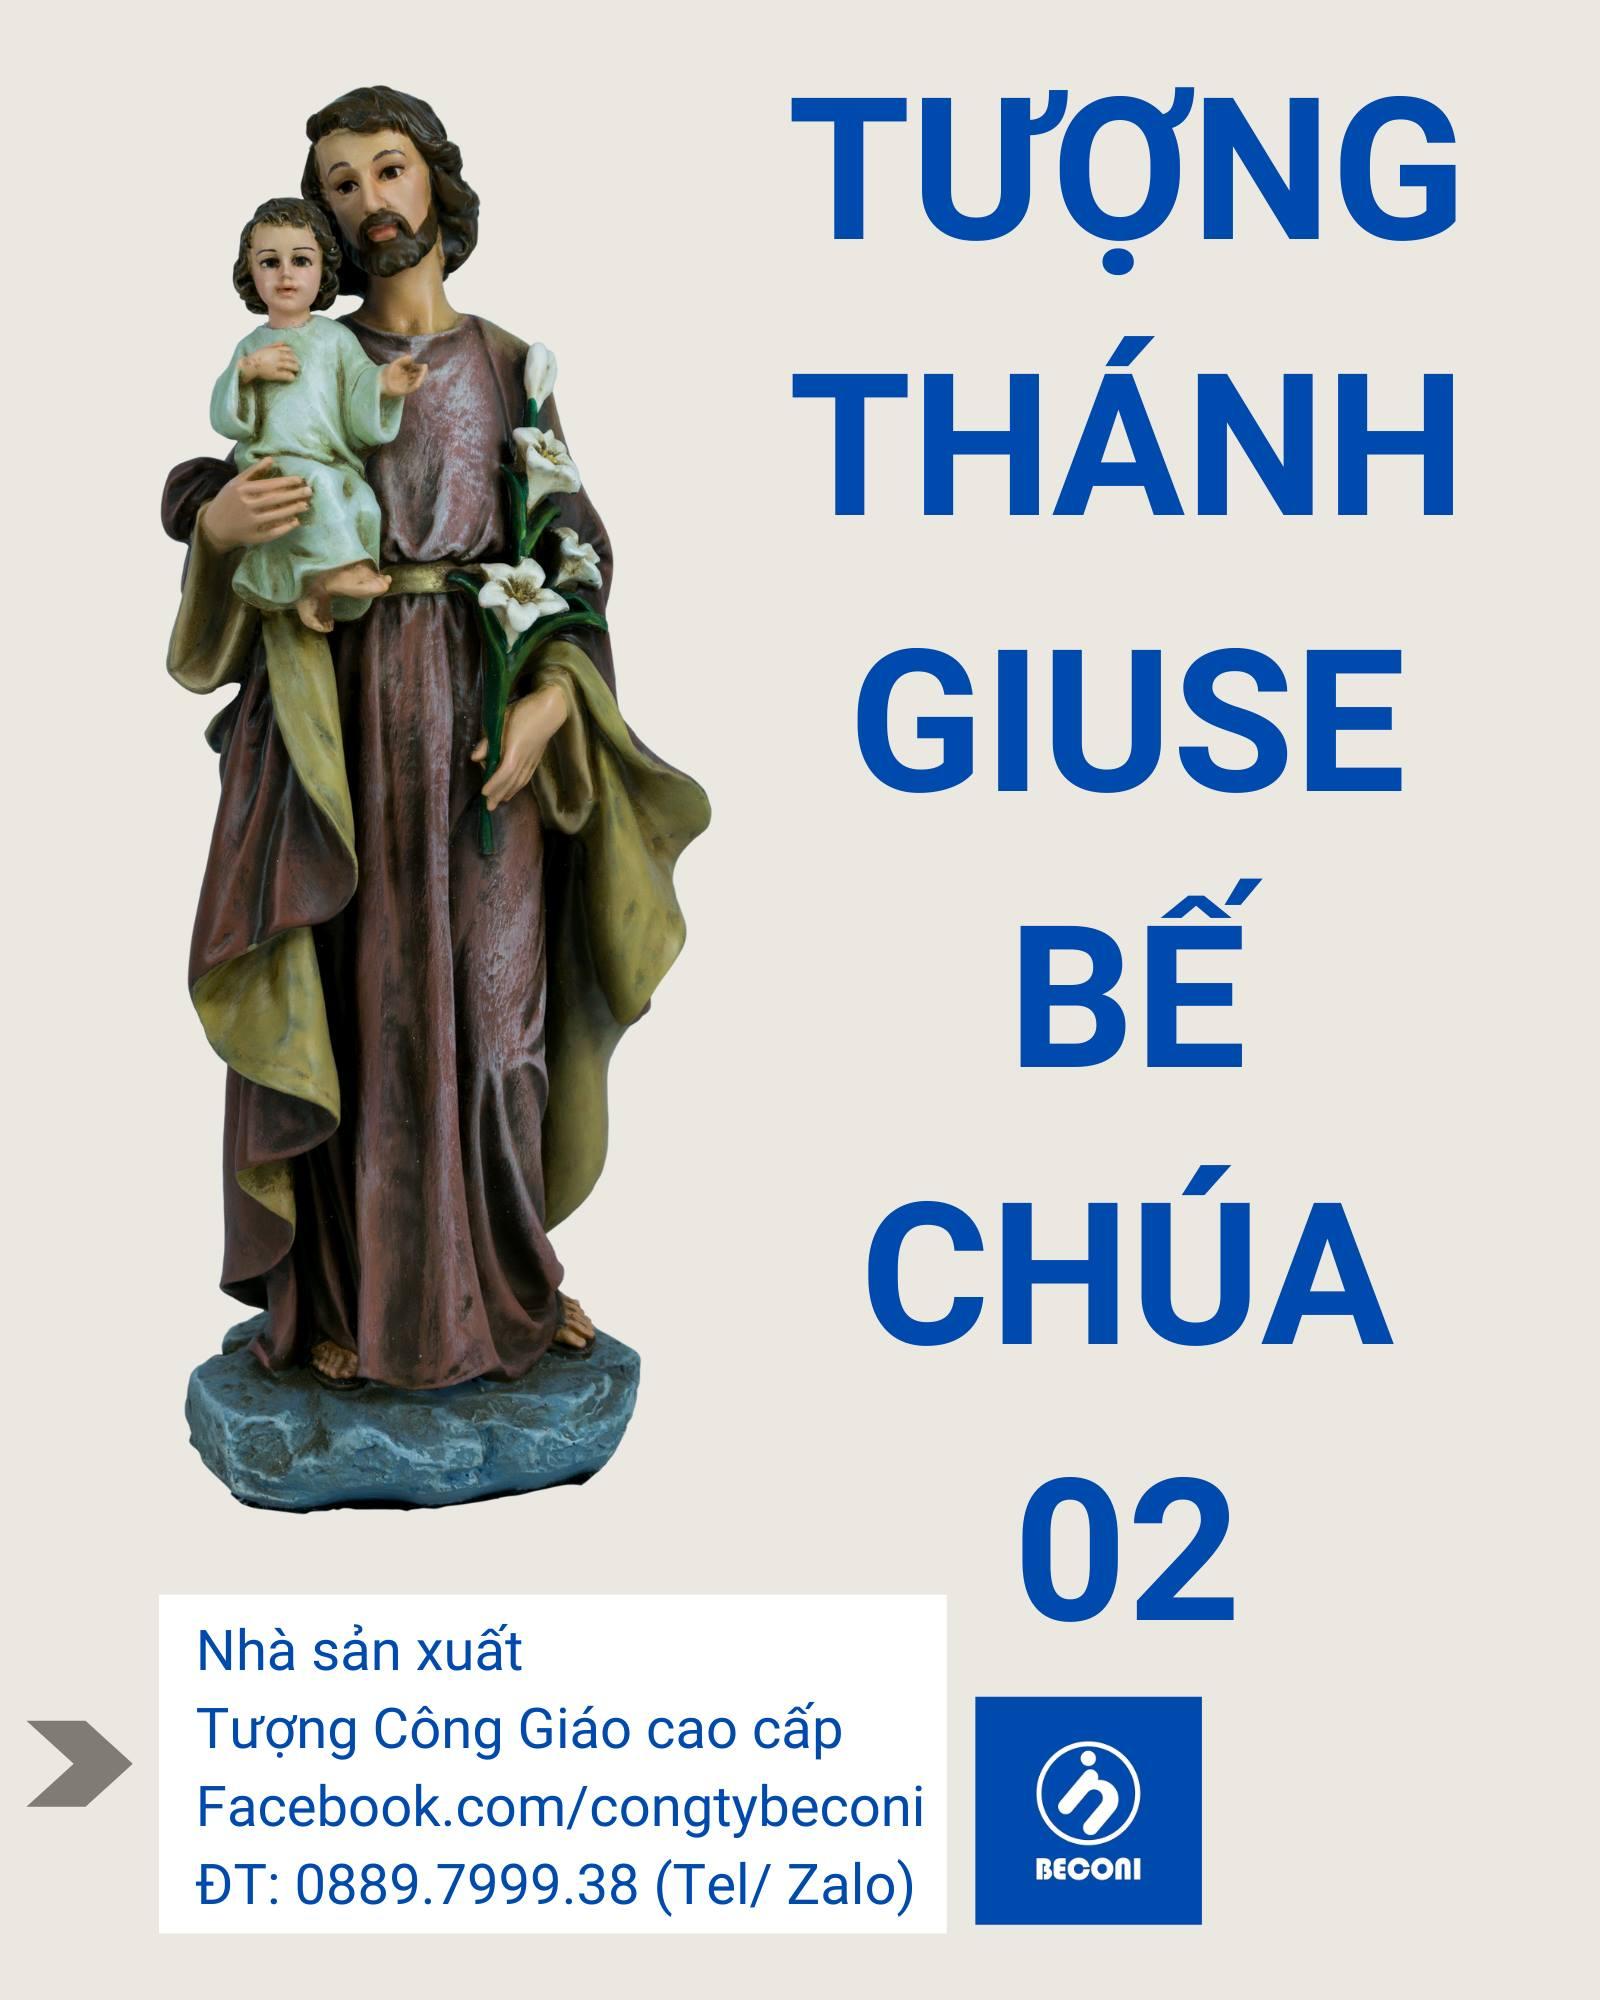 Tượng Thánh Giuse Bế Chúa Mẫu 02 Beconi Tượng công giáo cao cấp